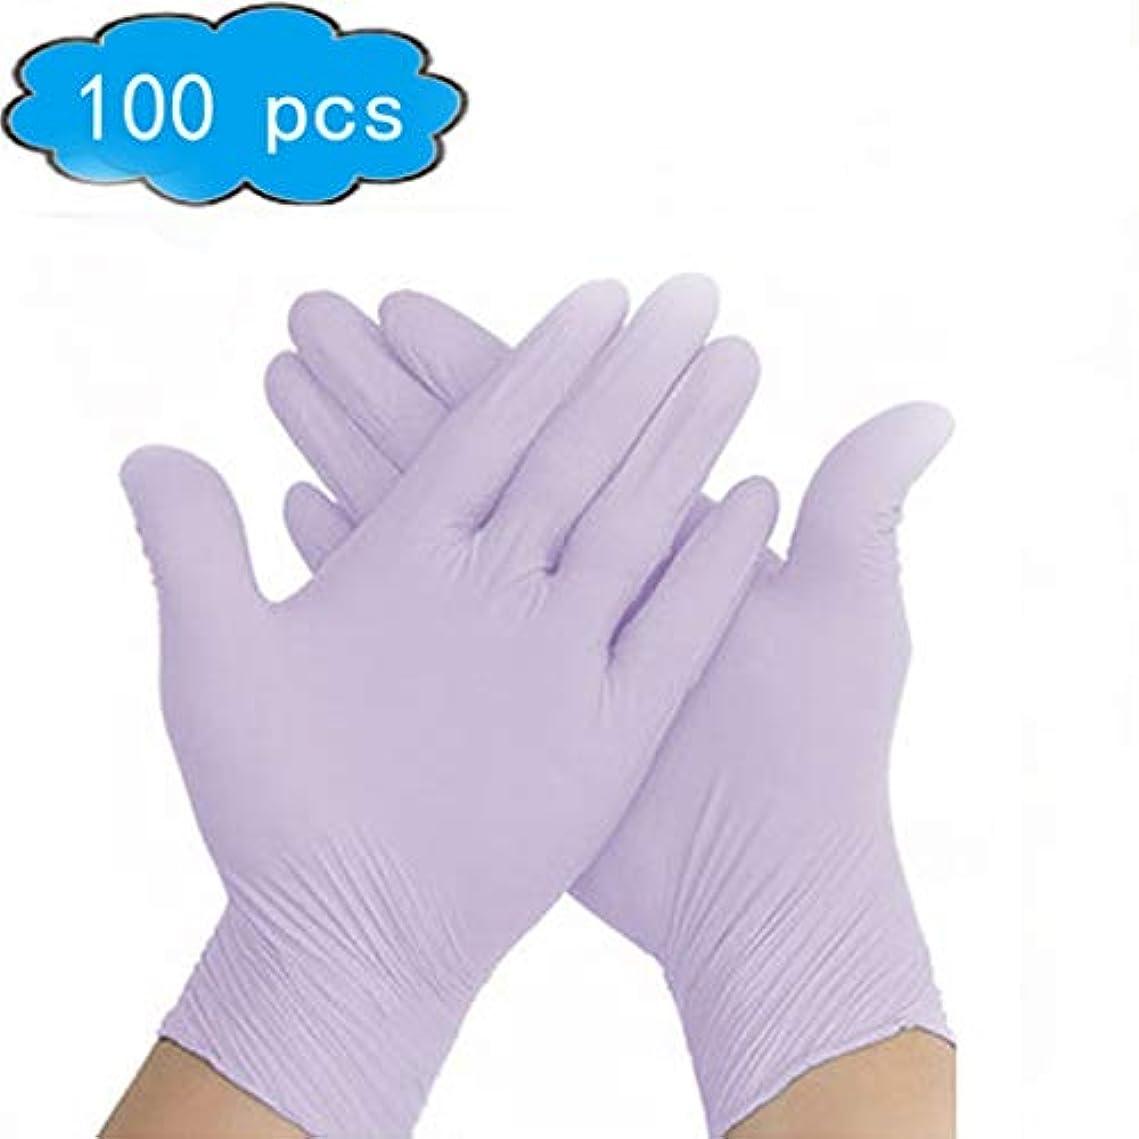 愛されし者ウルルペルセウスニトリル手袋 - 医療用グレード、パウダーフリー、使い捨て、非滅菌、食品安全、テクスチャード加工、紫色、便利なディスペンサーパッケージ100、中サイズ、サニタリー手袋 (Color : Purple, Size : L)